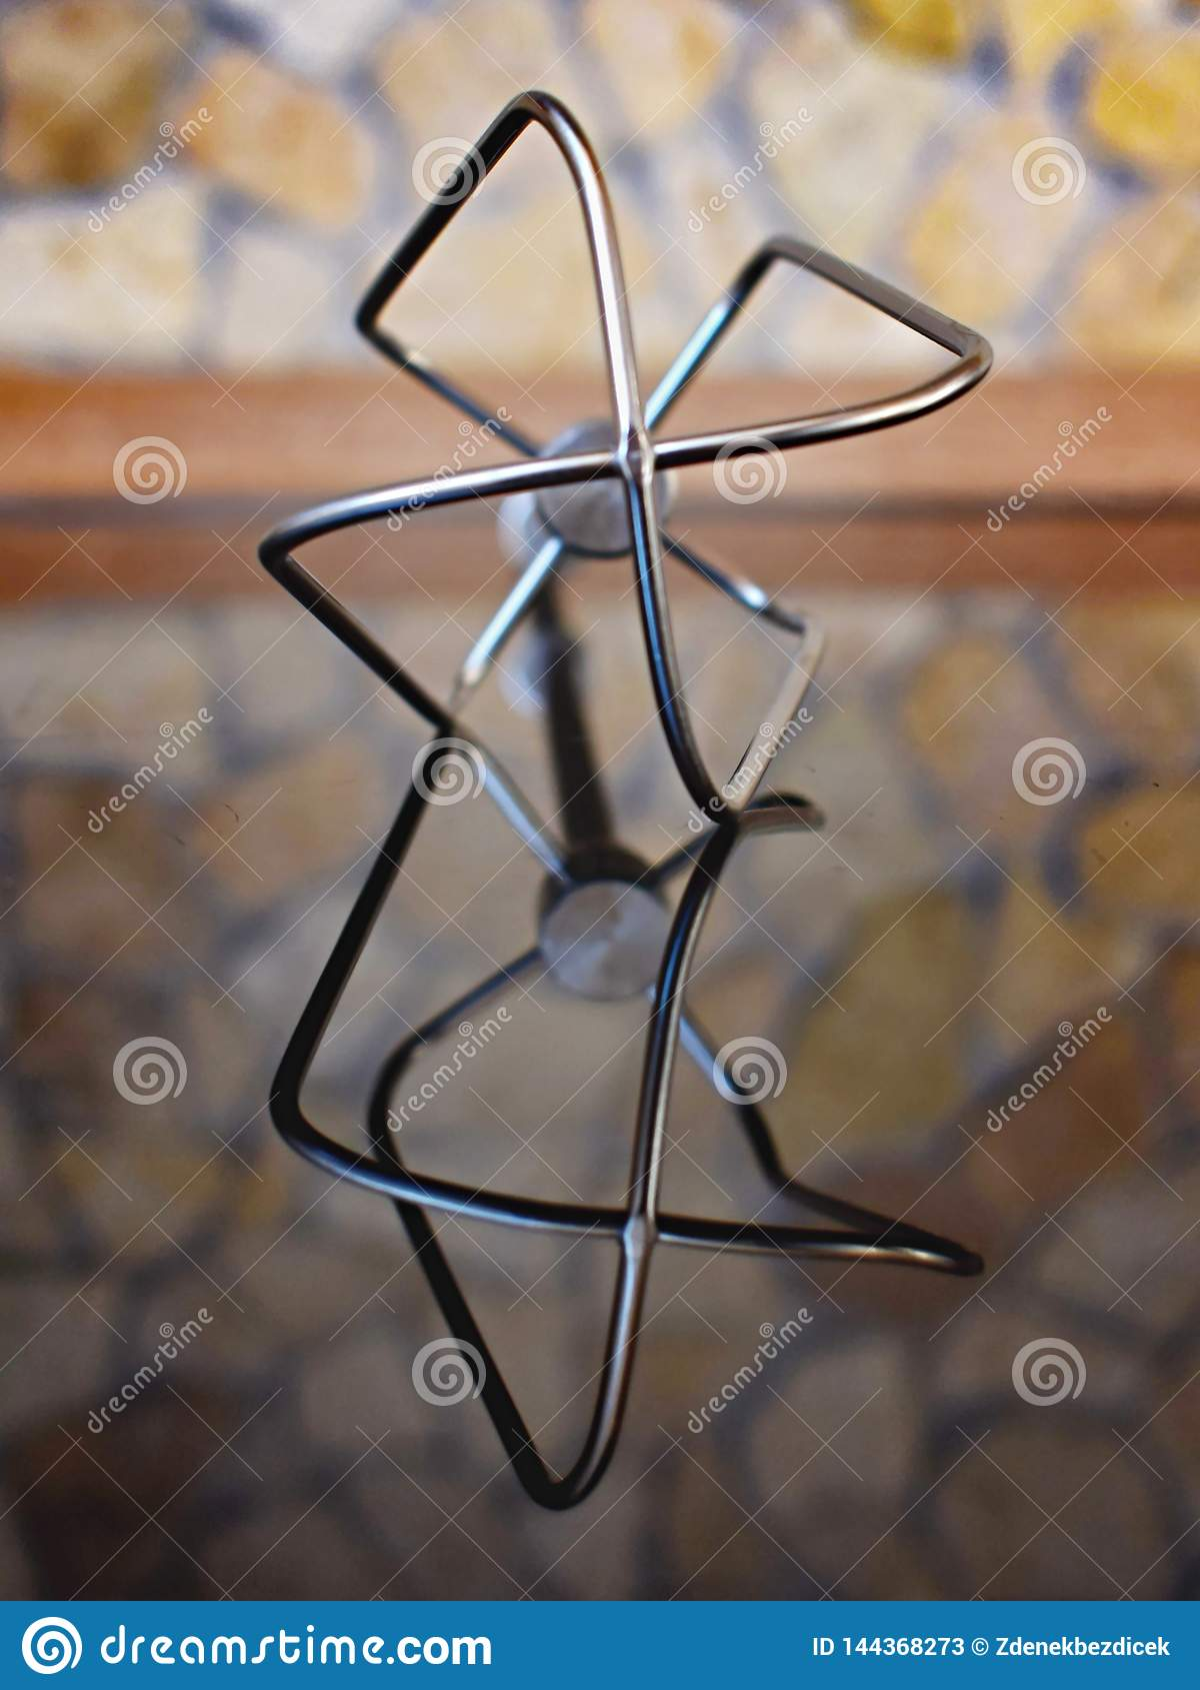 Besen von der Mischmaschine mit Reflexion im Glas und im undeutlichen Hintergrund